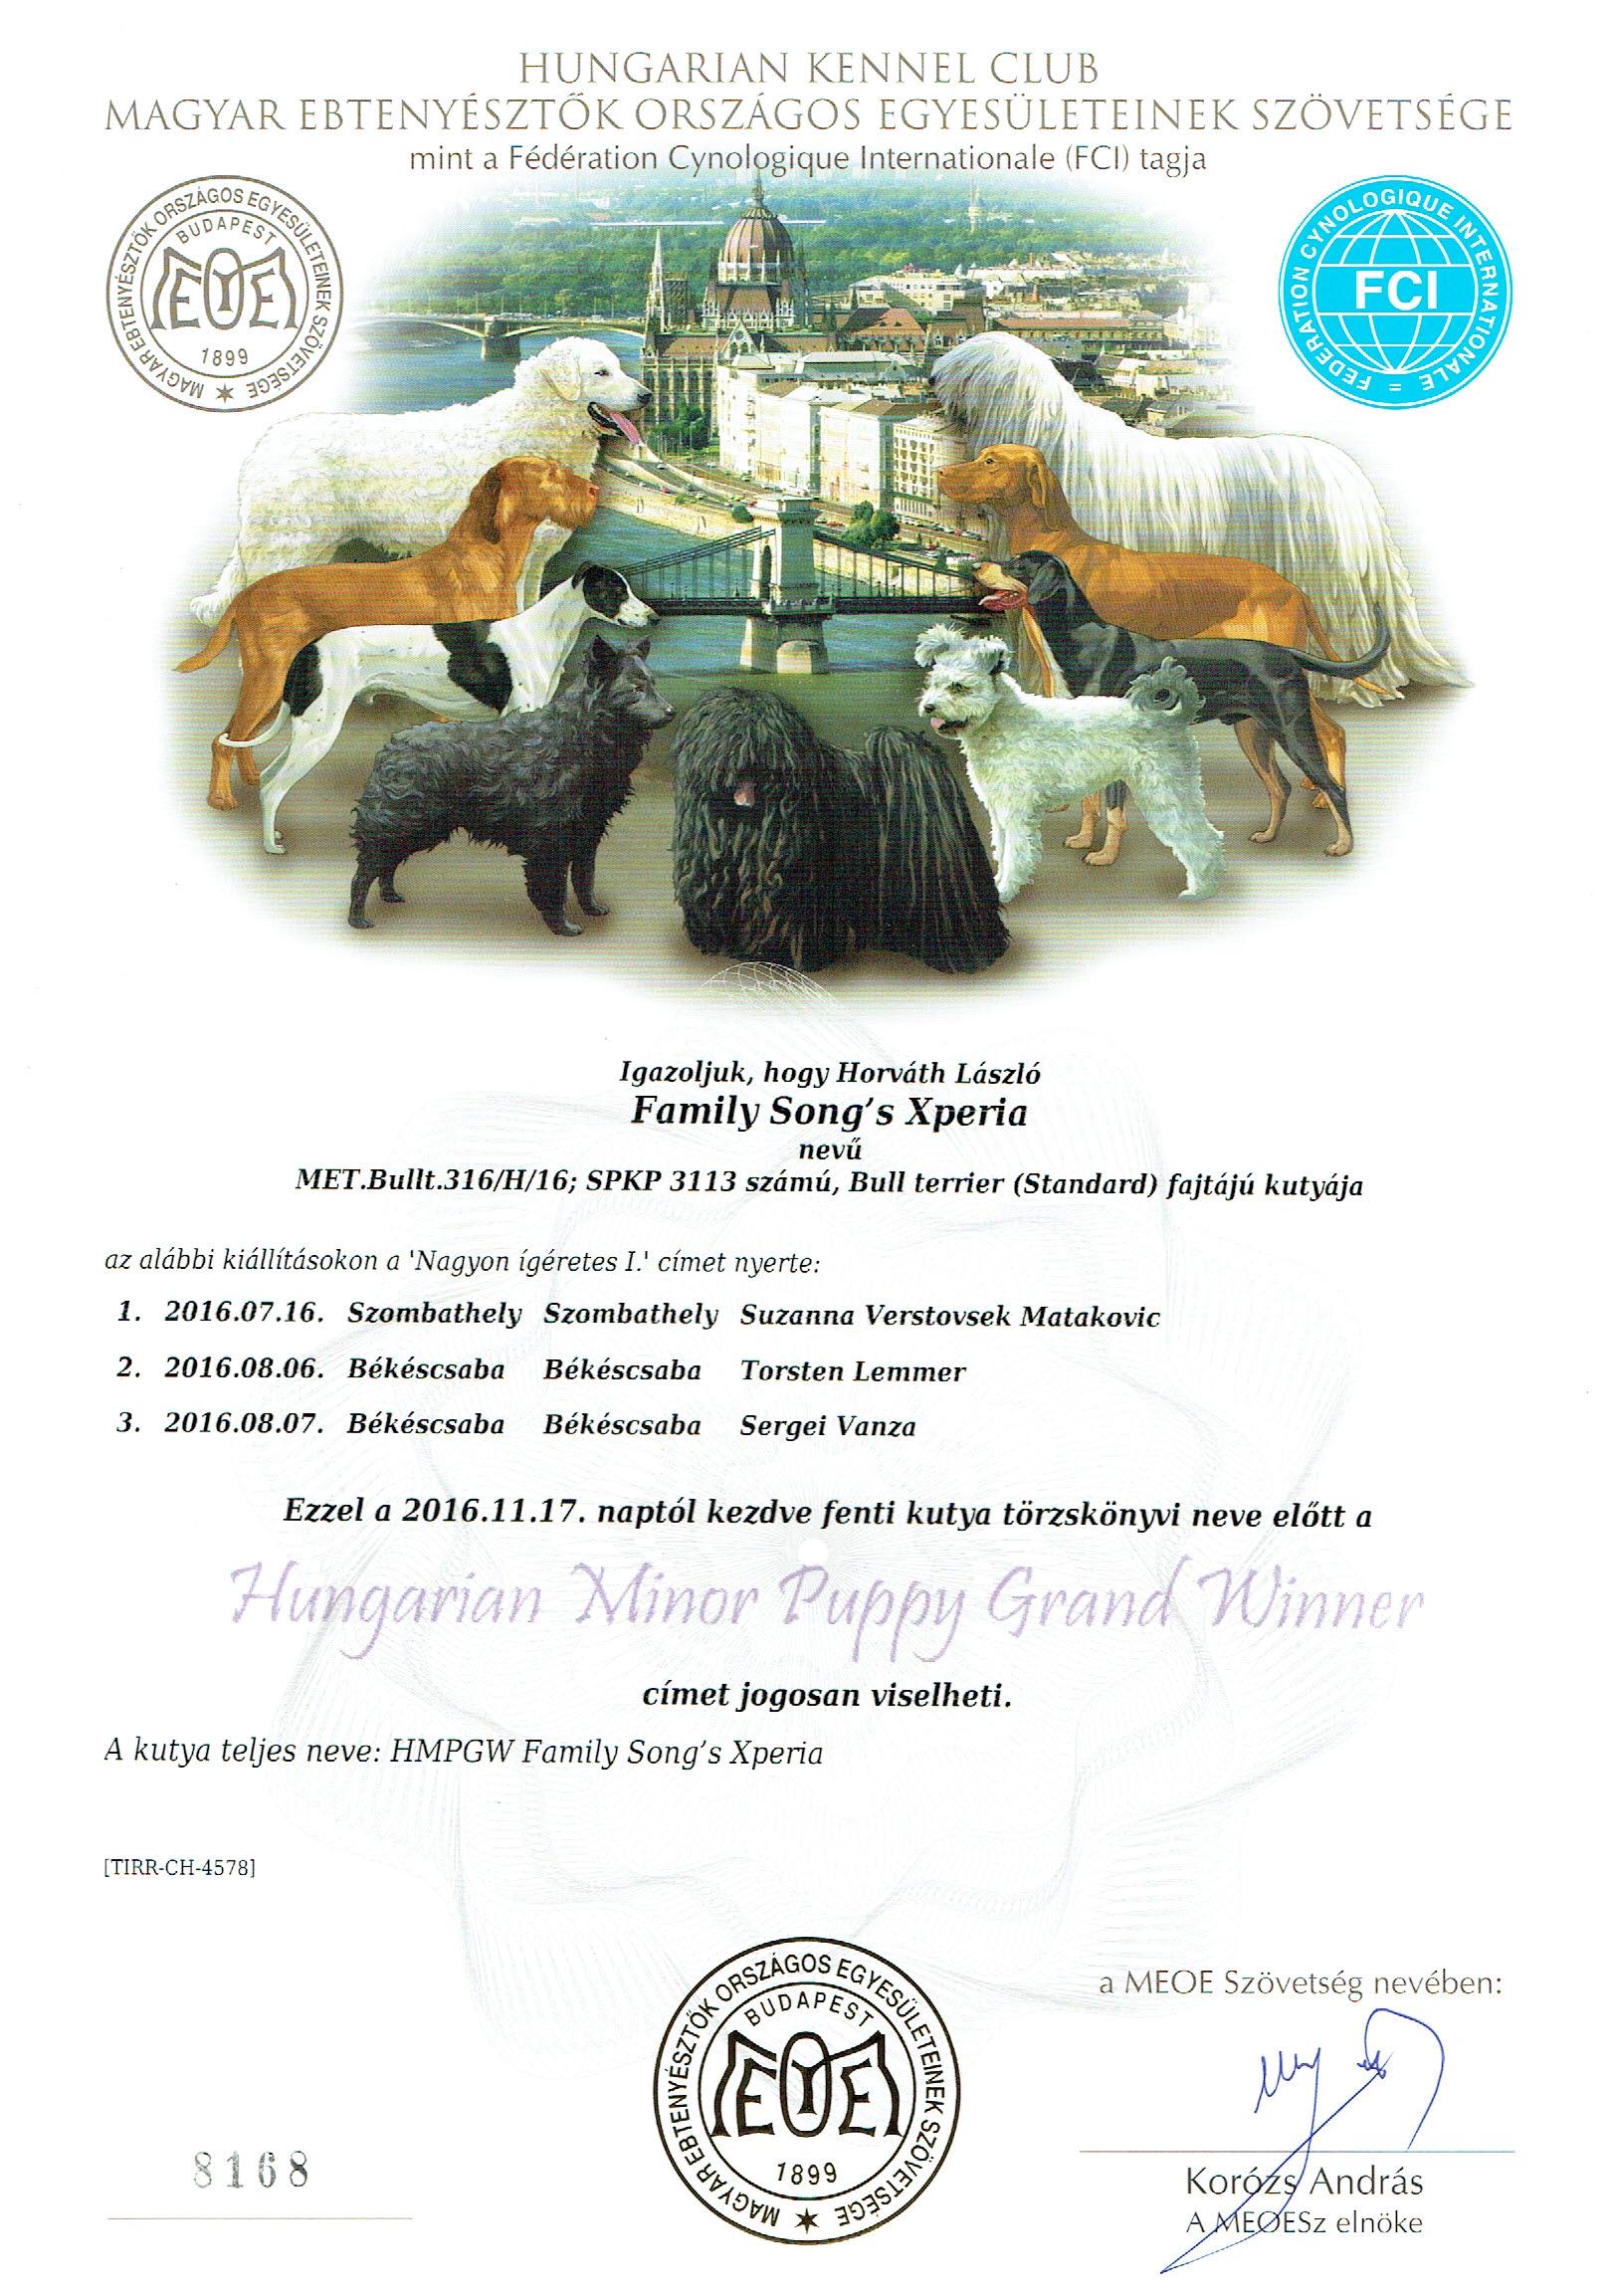 Hungarian Minor Puppy Grand Winner - Citrom